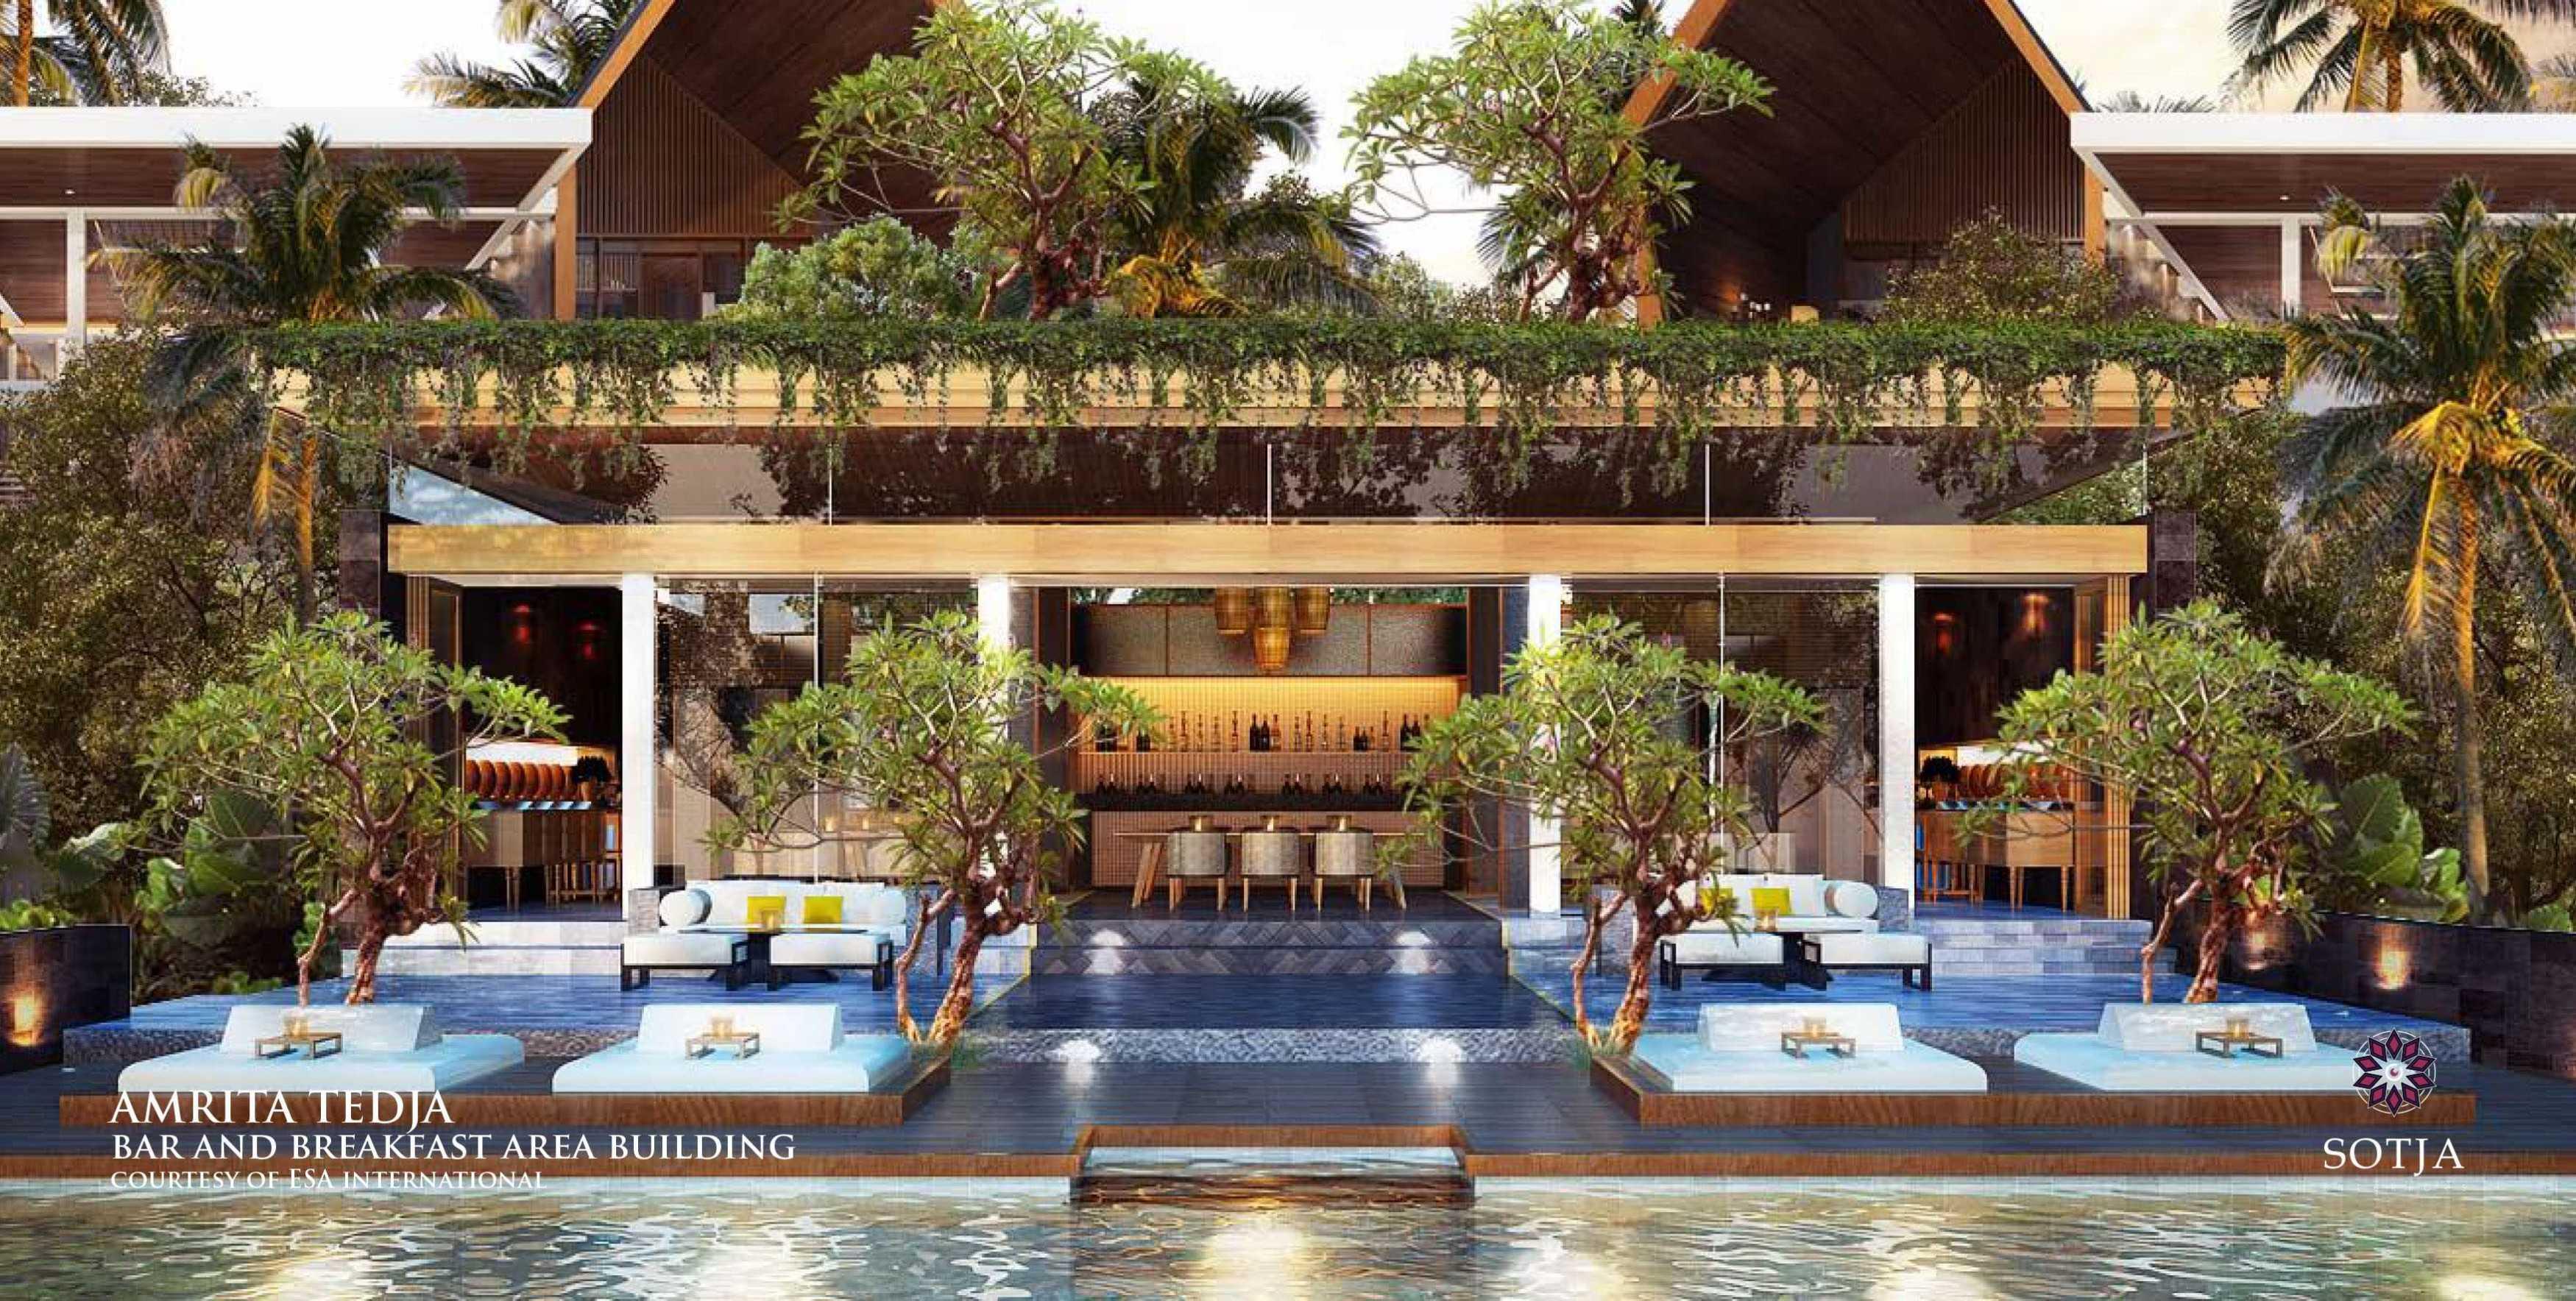 Sotja Interiors Amrita Tedja At Ubud Bali, Indonesia Bali, Indonesia Bar & Breakfast Area   8718